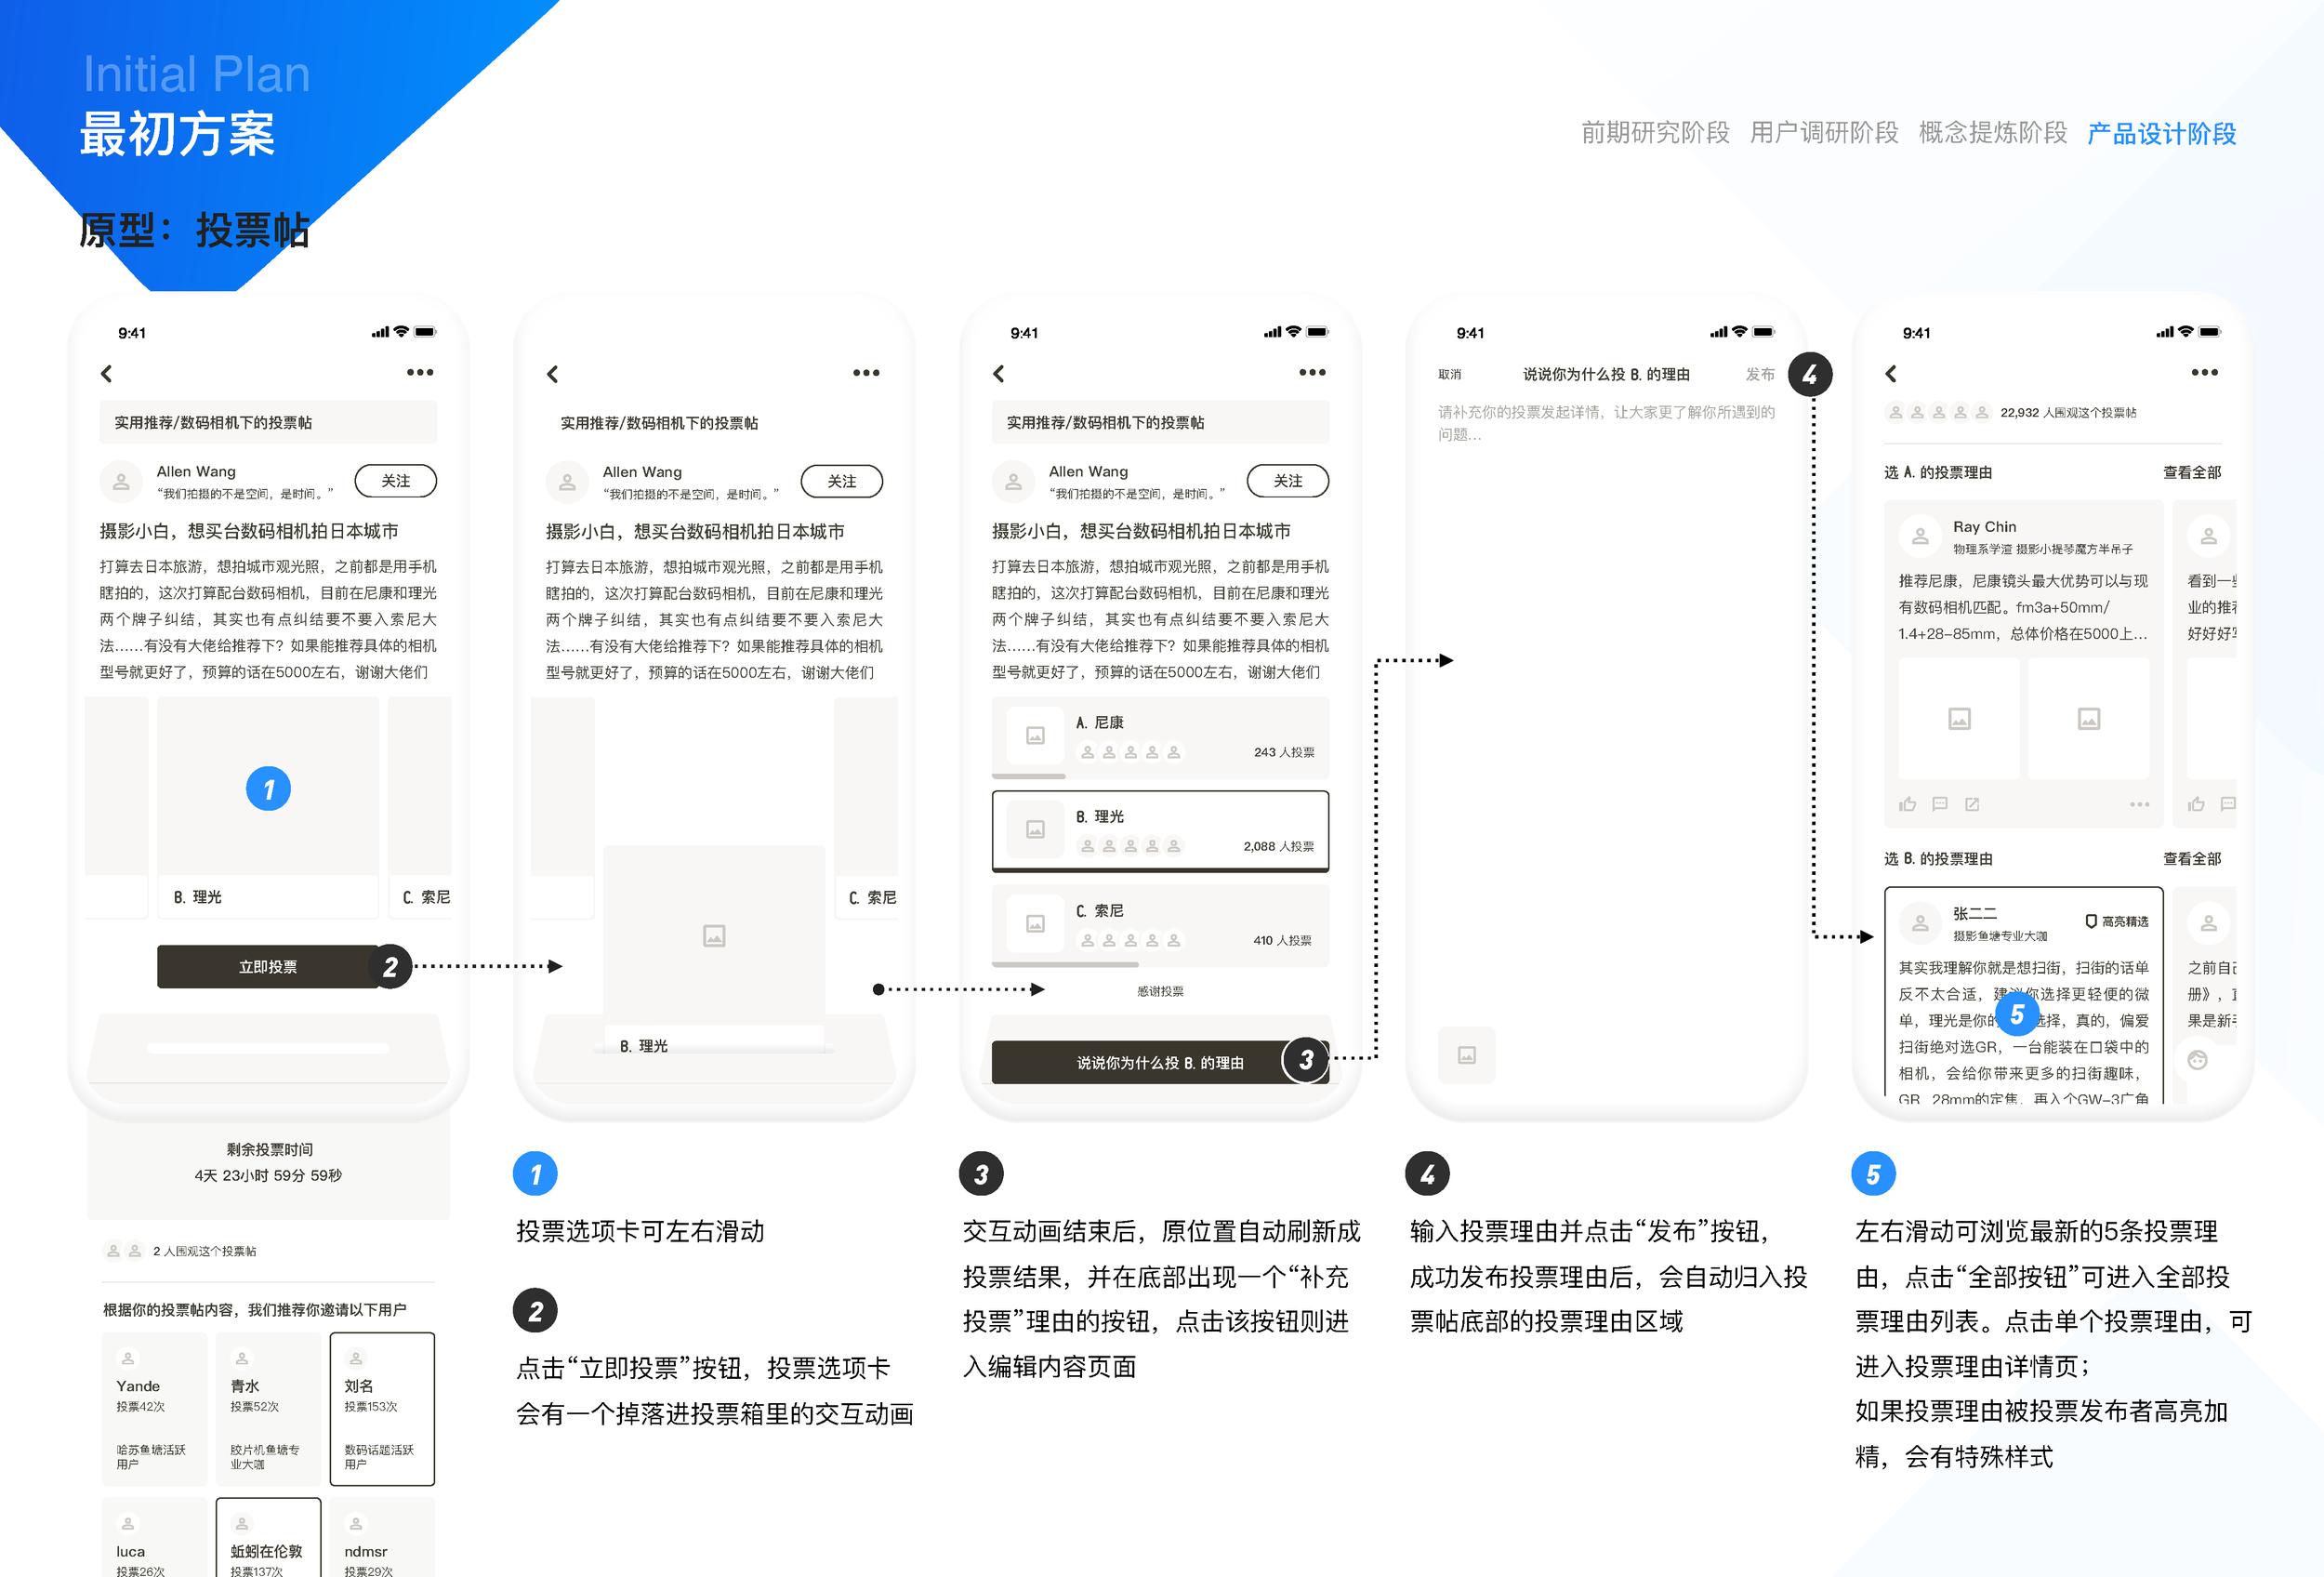 闲鱼社区互动设计(17小组油猫饼)_页面_25.png